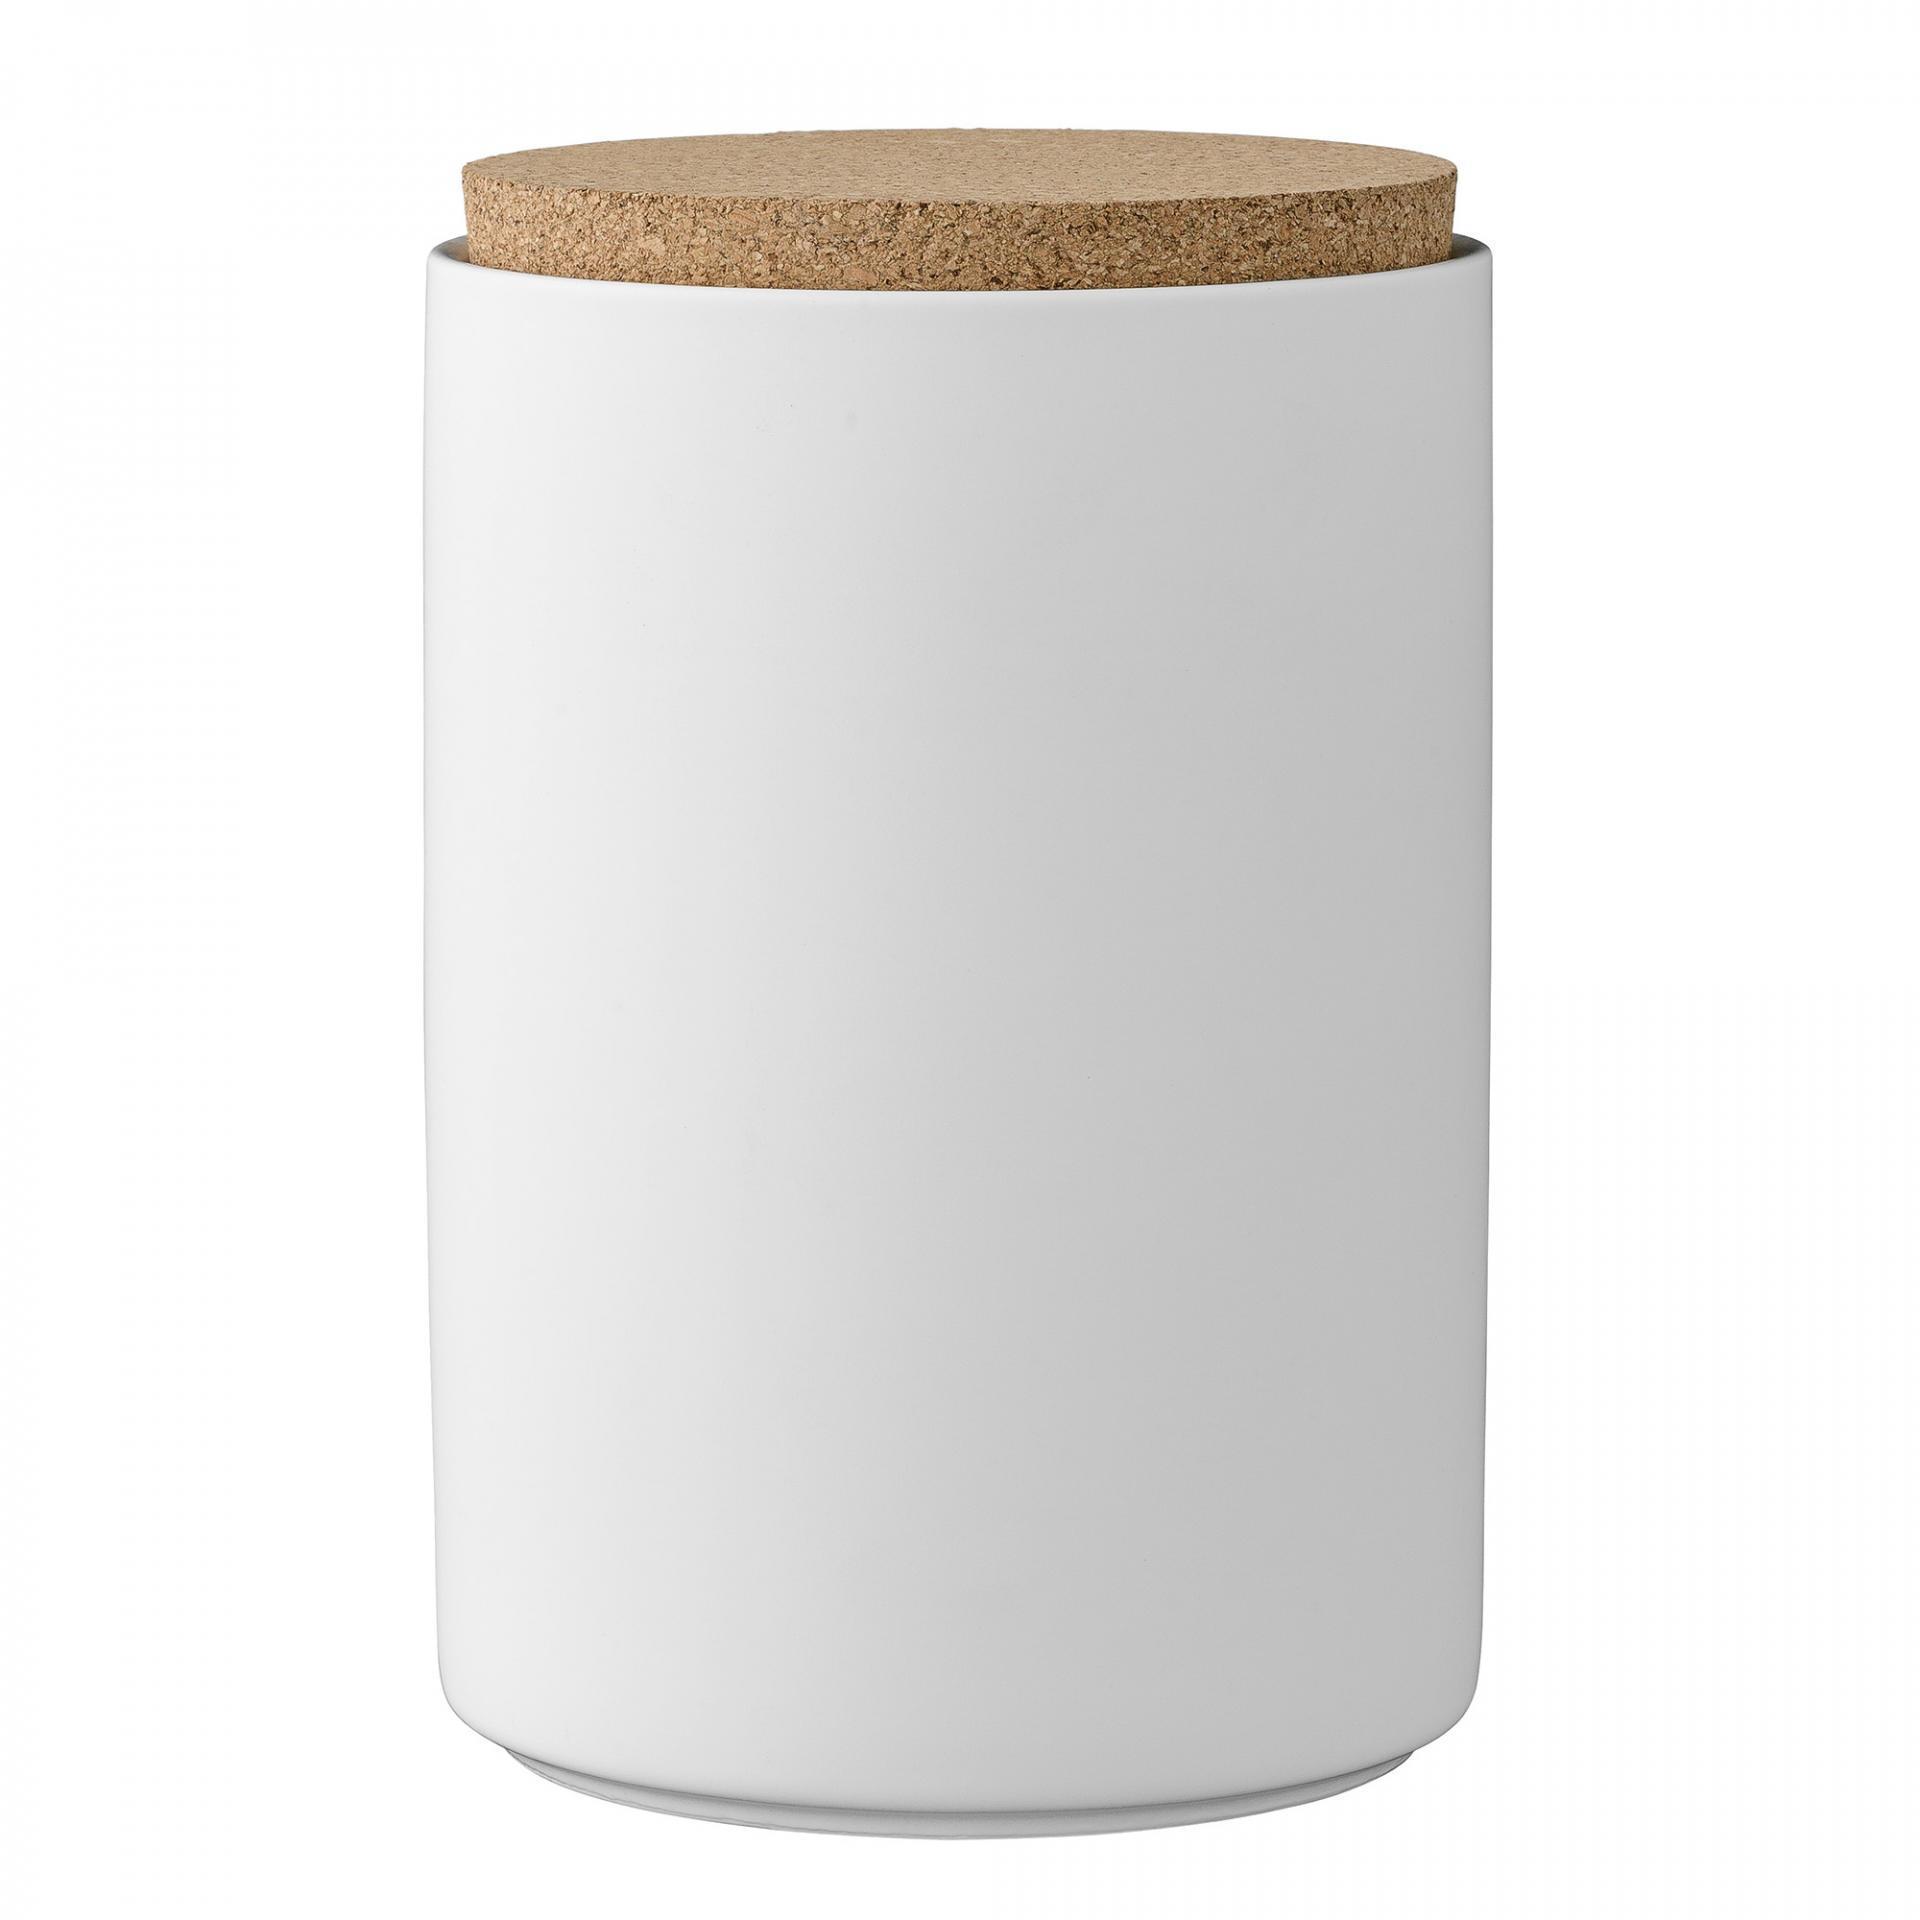 Bloomingville Dóza s korkovým víčkem White, bílá barva, porcelán